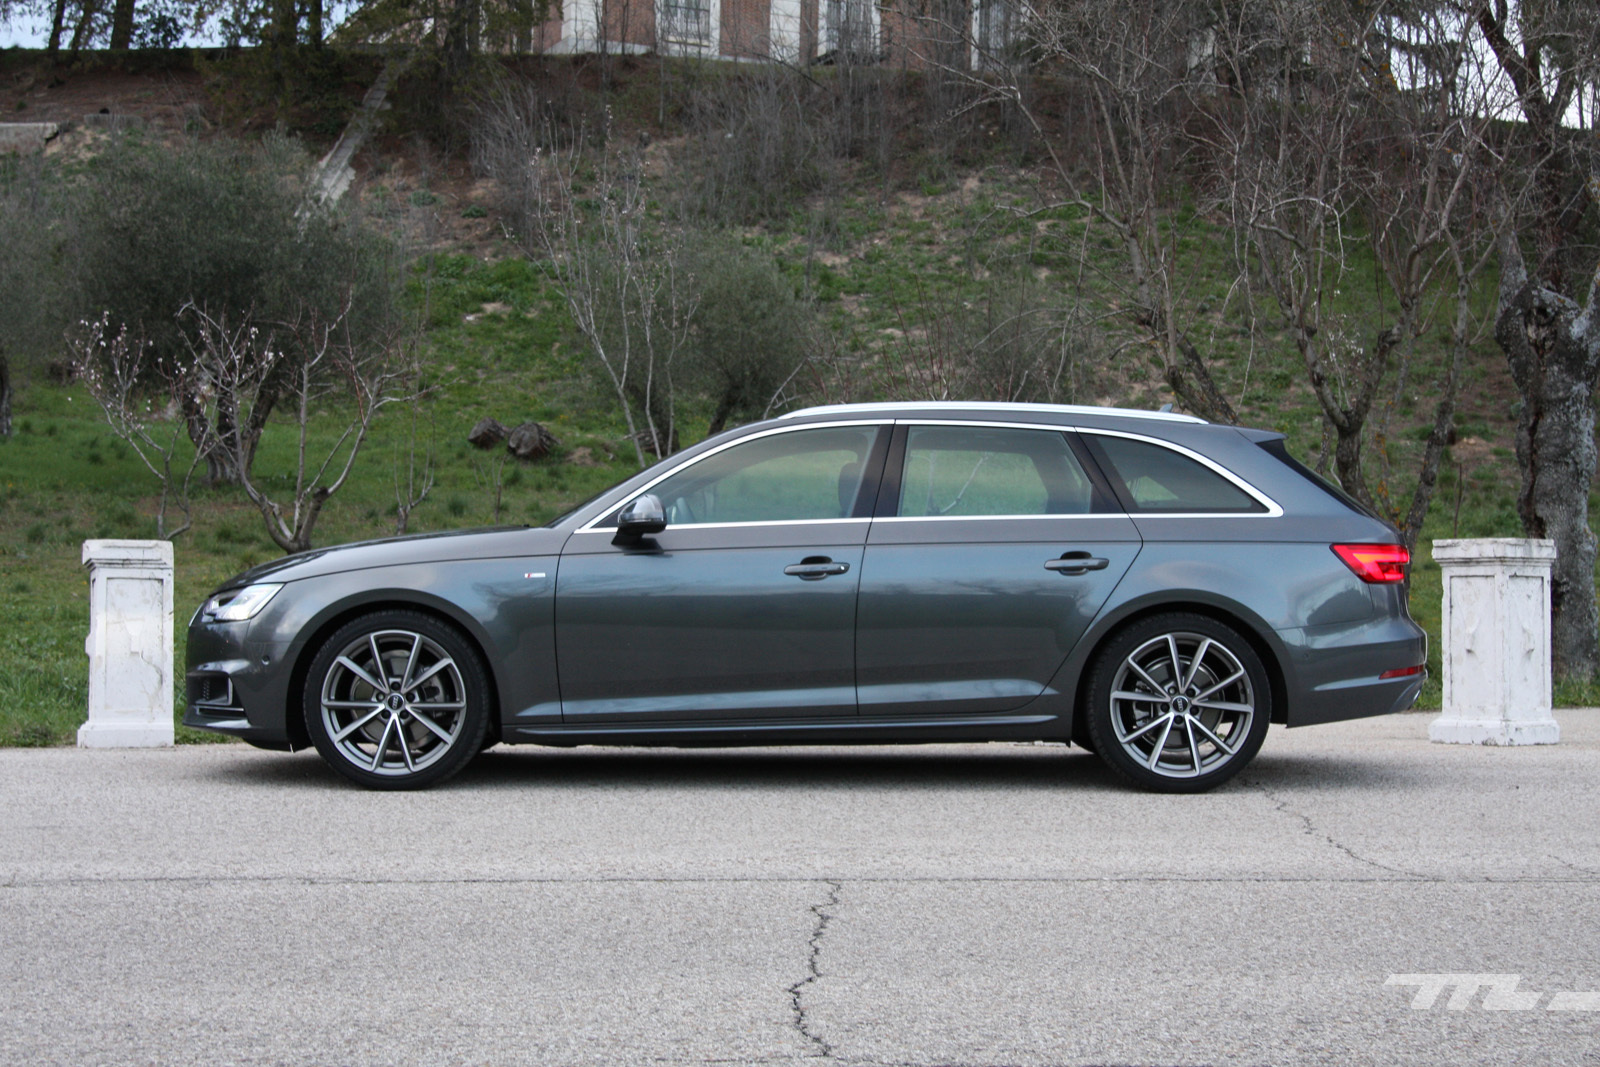 Audi A4 Avant 2 0 Tdi Prueba 15 48